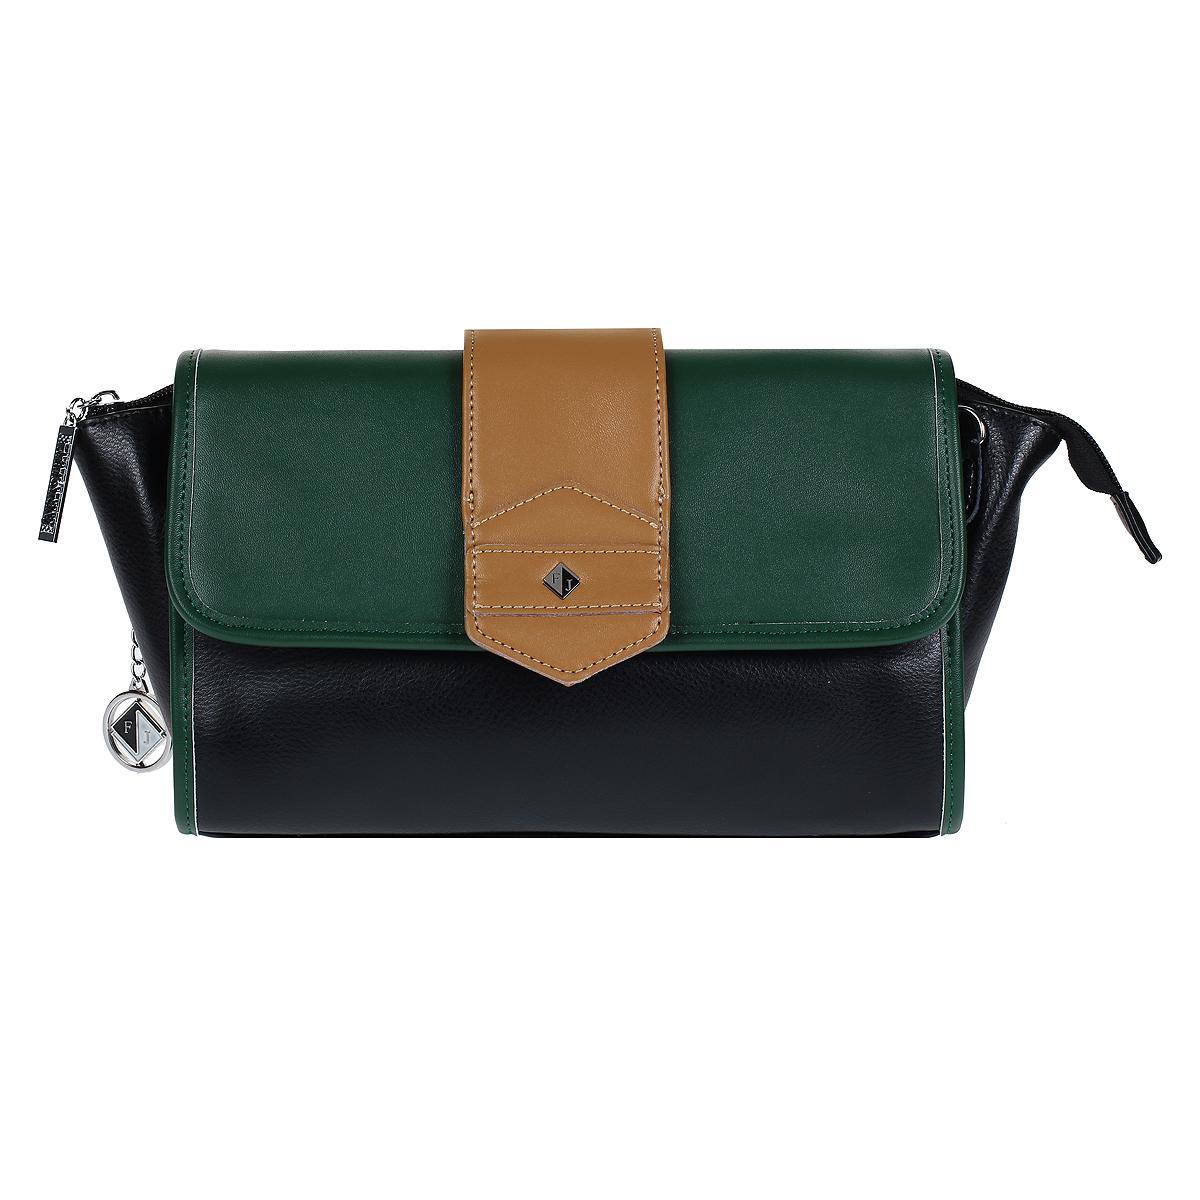 Клатч Flioraj, цвет: черный, зеленый. 570504-1/39/34570504-1/39/34 черн/зел/бИзысканный и модный клатч Flioraj выполнен из натуральной кожи черного и зеленого цветов. Клатч застегивается на молнию и дополнительно клапаном на две магнитные кнопки. Внутри - одно отделение, в котором расположен вшитый кармашек на молнии и два кармашка для мелочей и телефона. На задней стороне сумки расположен вшитый кармашек на молнии. К клатчу прилагаются два съемных ремня и ремешок для запястья. Такой клатч станет идеальным дополнением к весеннему настроению. Характеристики: Материал: натуральная кожа, текстиль, металл. Цвет: черный, зеленый. Размер сумки: 25 см х 17 см х 5 см. Длина плечевого ремня: 120 см.